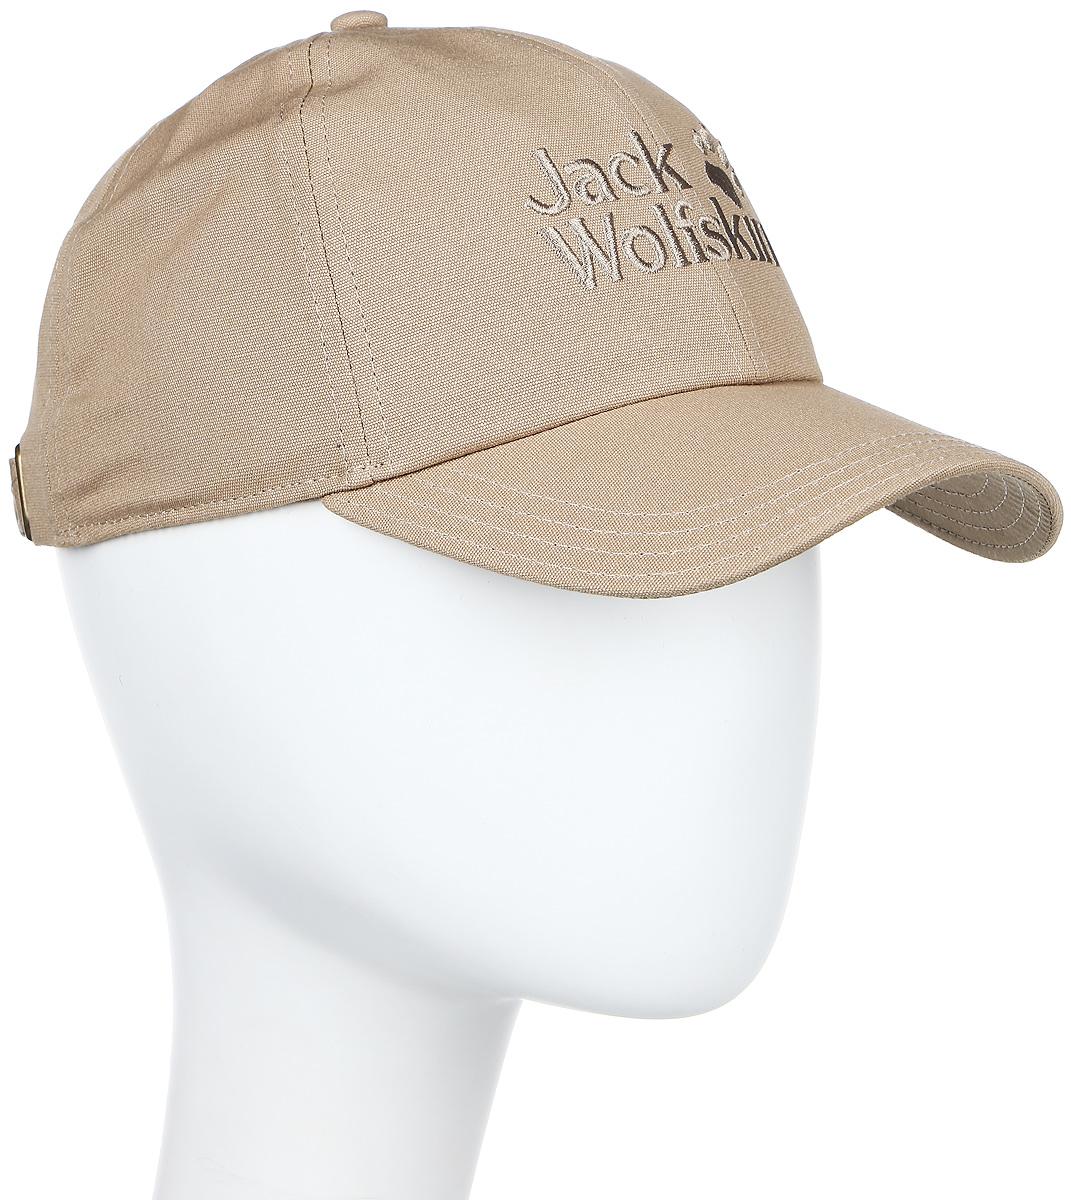 Бейсболка Jack Wolfskin Baseball Cap, цвет: песочный. 1900671-5605. Размер 56/611900671-5605Бейсболка Baseball Cap - это классика, выполненная из 100% натурального хлопка. Ткань дышащая, прочная и комфортная в носке. Модель идеально подходит на все случаи жизни. Бейсболка выполнена в однотонном дизайне и дополнена вышивкой с логотипом бренда.